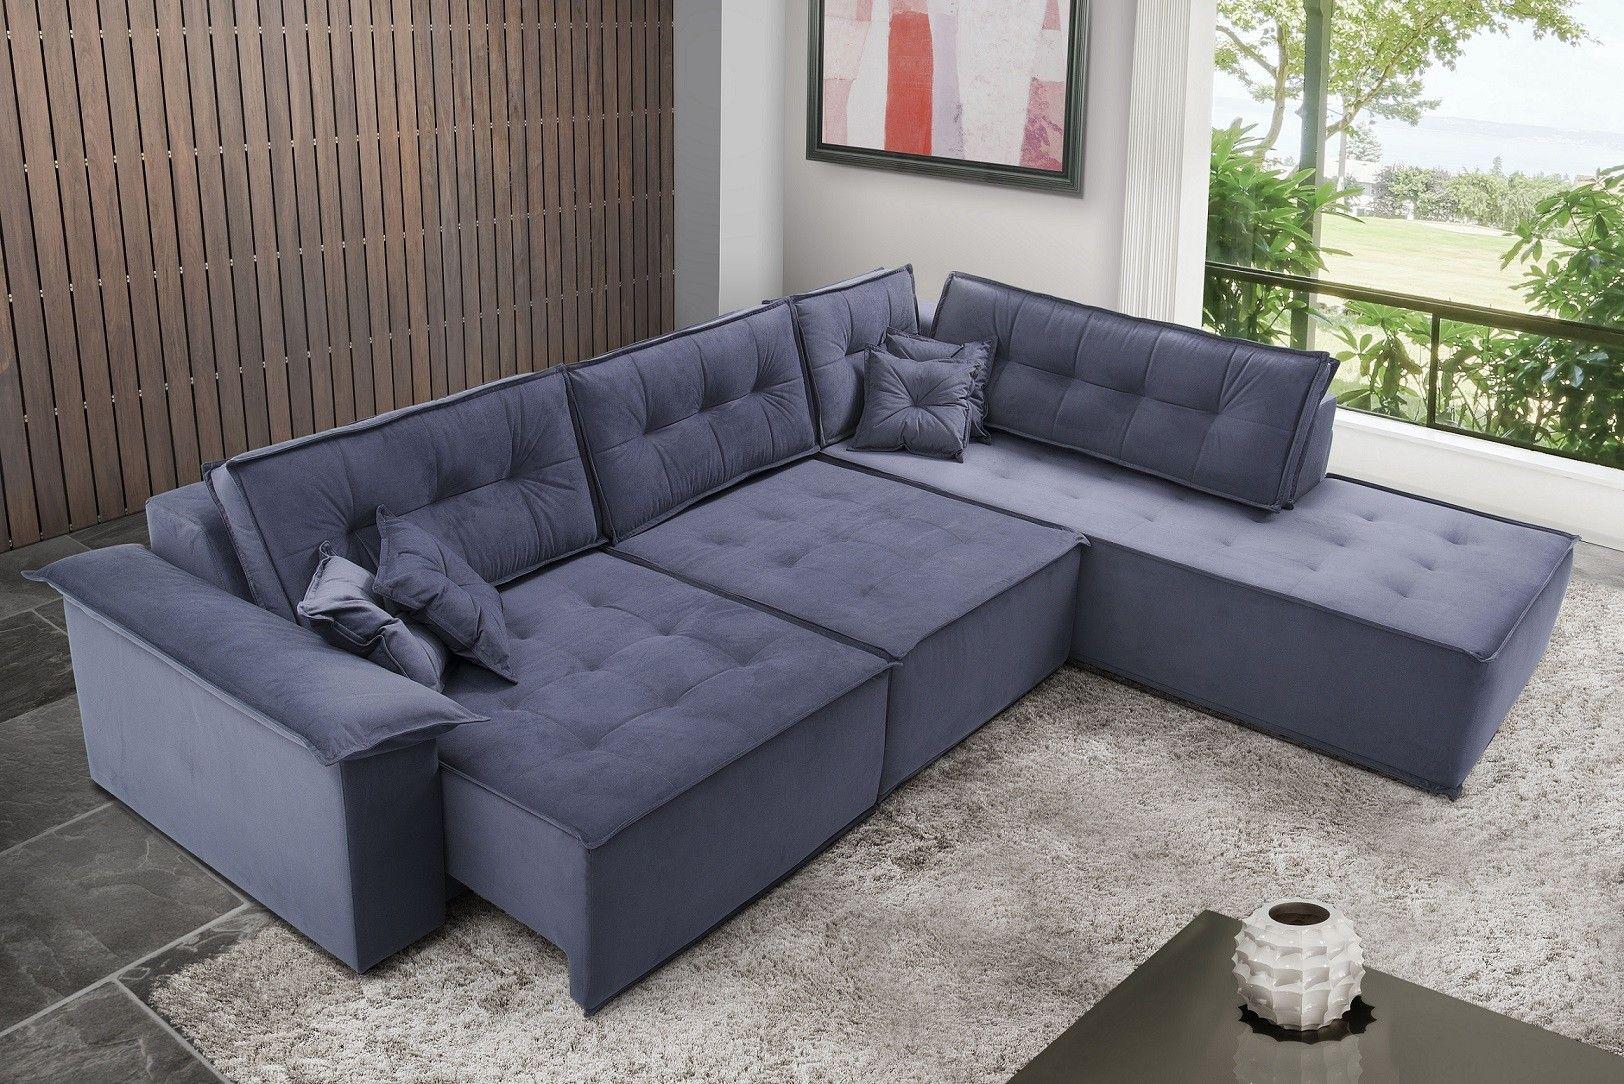 Charmant Resultado De Imagem Para Sofa Retratil De Canto